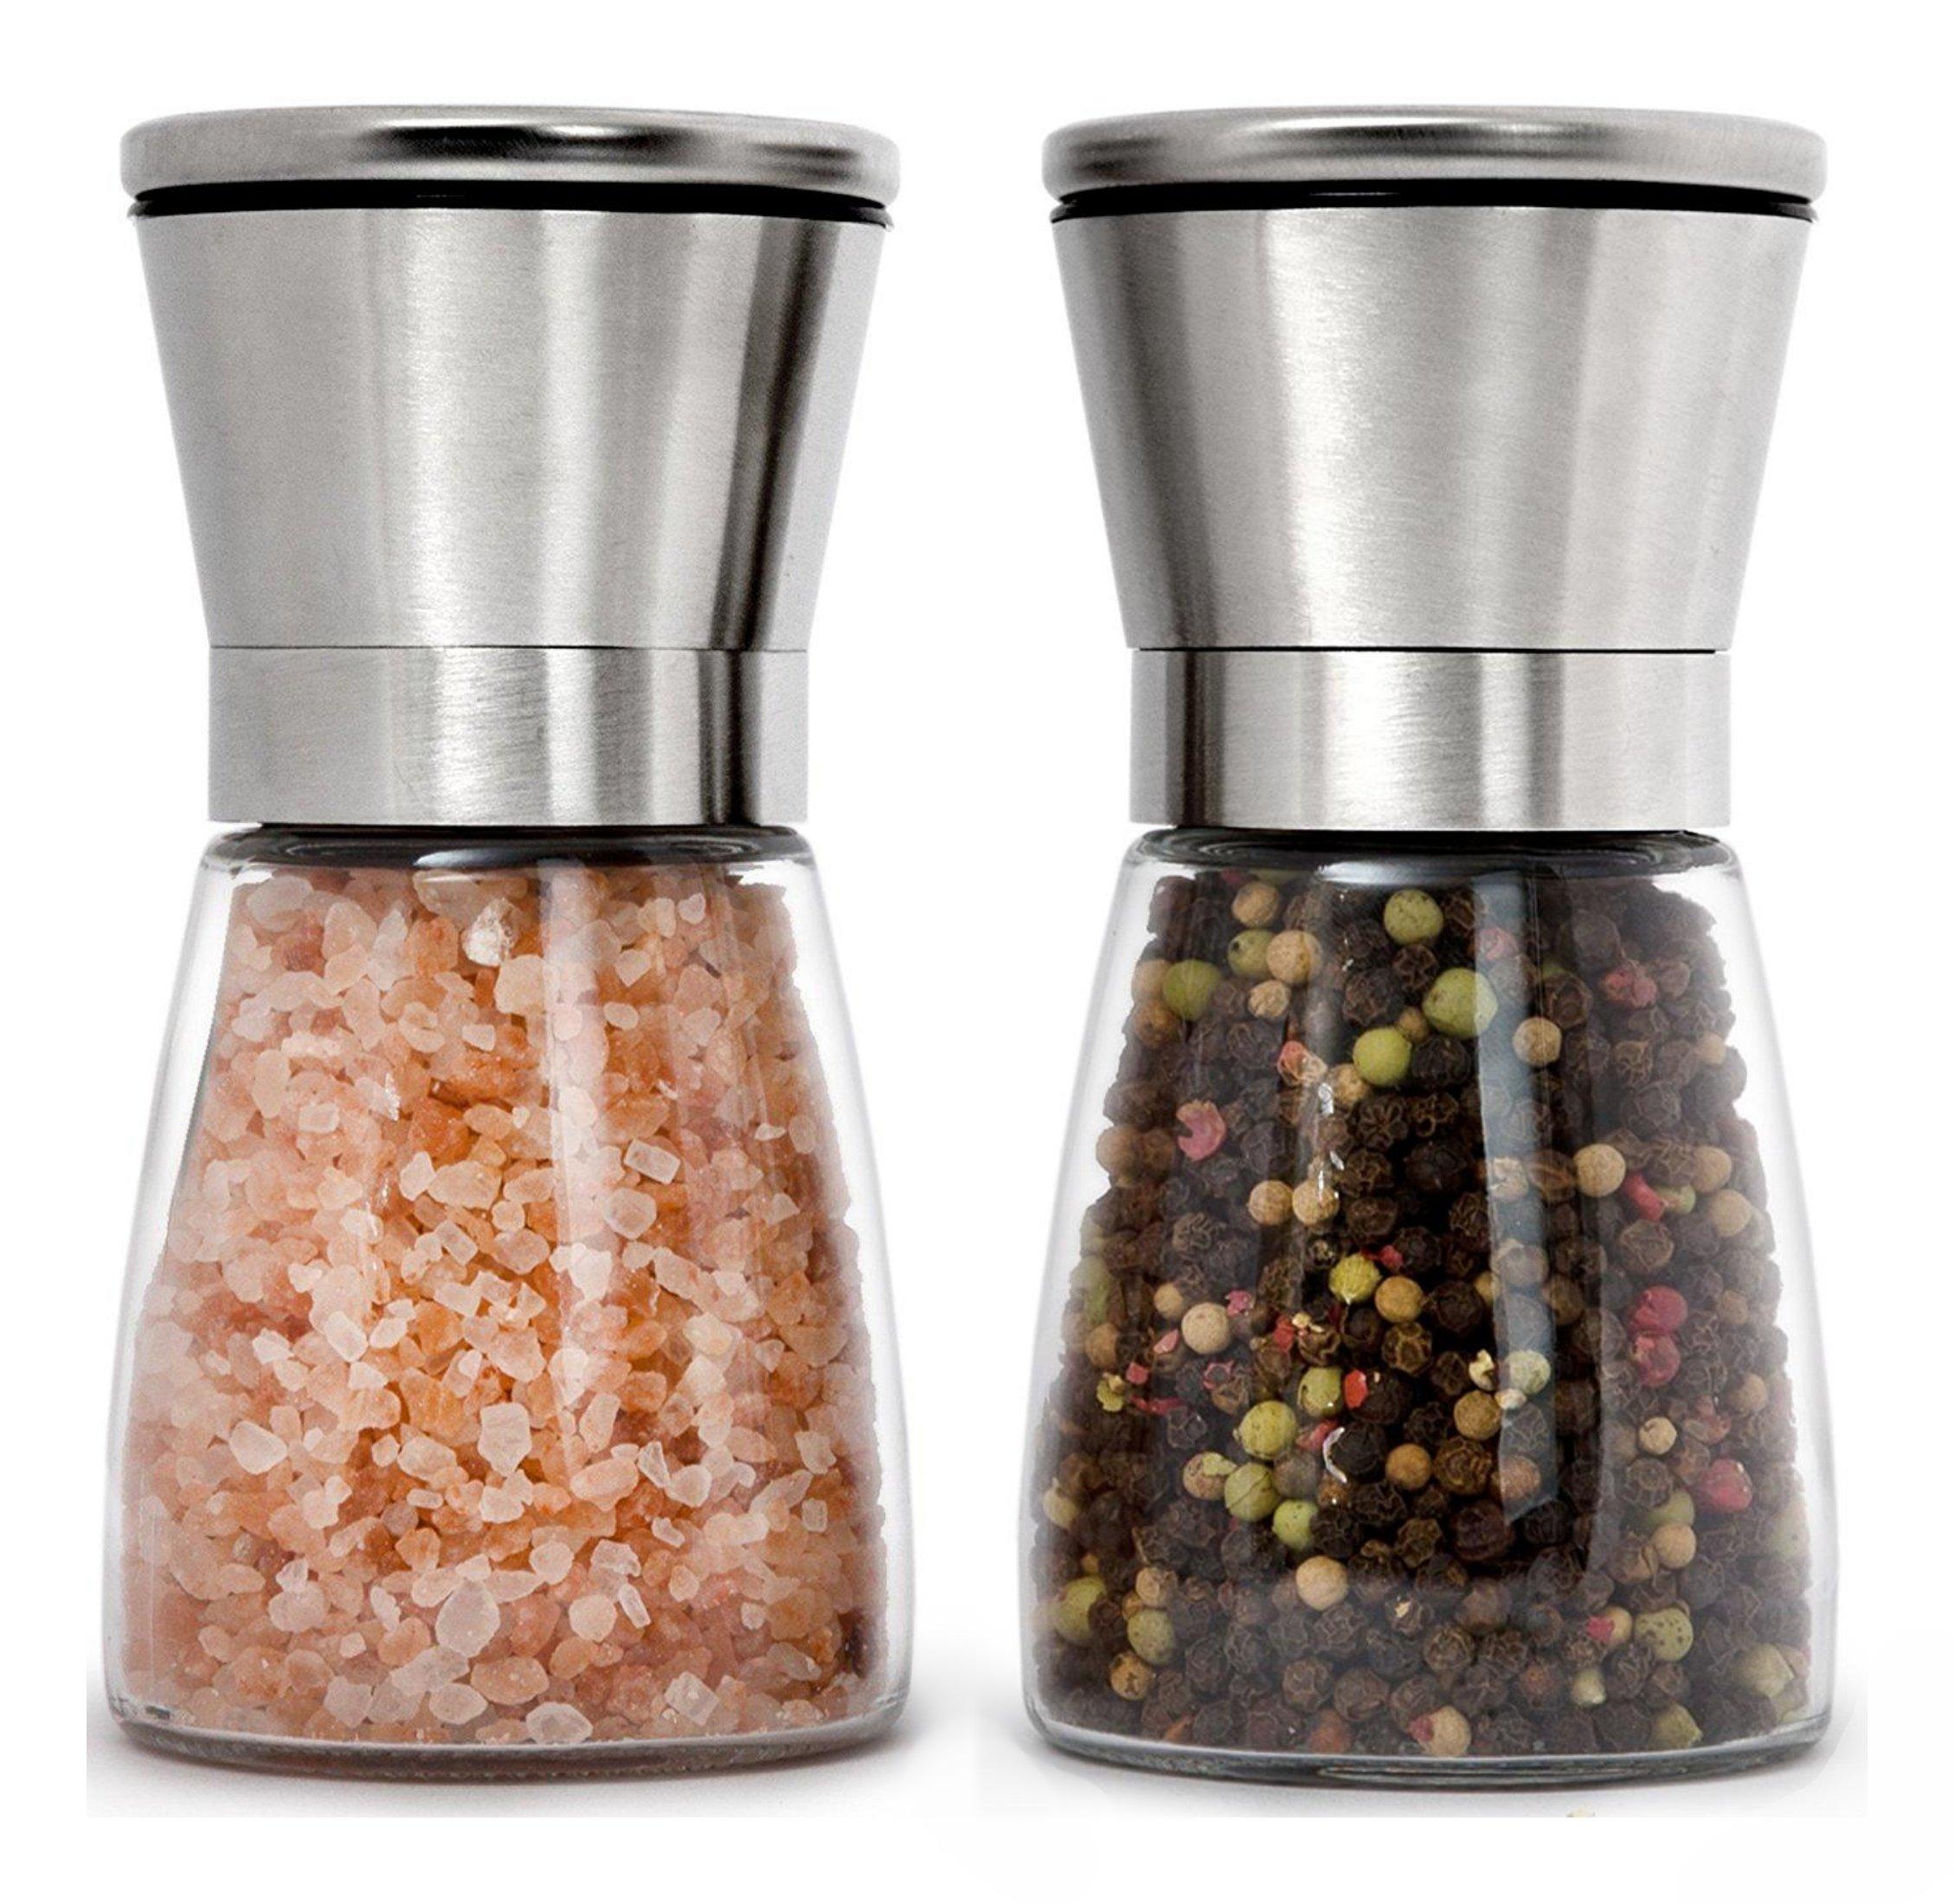 Premium Stainless Steel Salt and Pepper Grinder Set of 2 - Adjustable Ceramic Sea Salt Grinder & Pepper Grinder - Short Glass Salt and Pepper Shakers - Pepper Mill & Salt Mill with Free Funnel & EBook